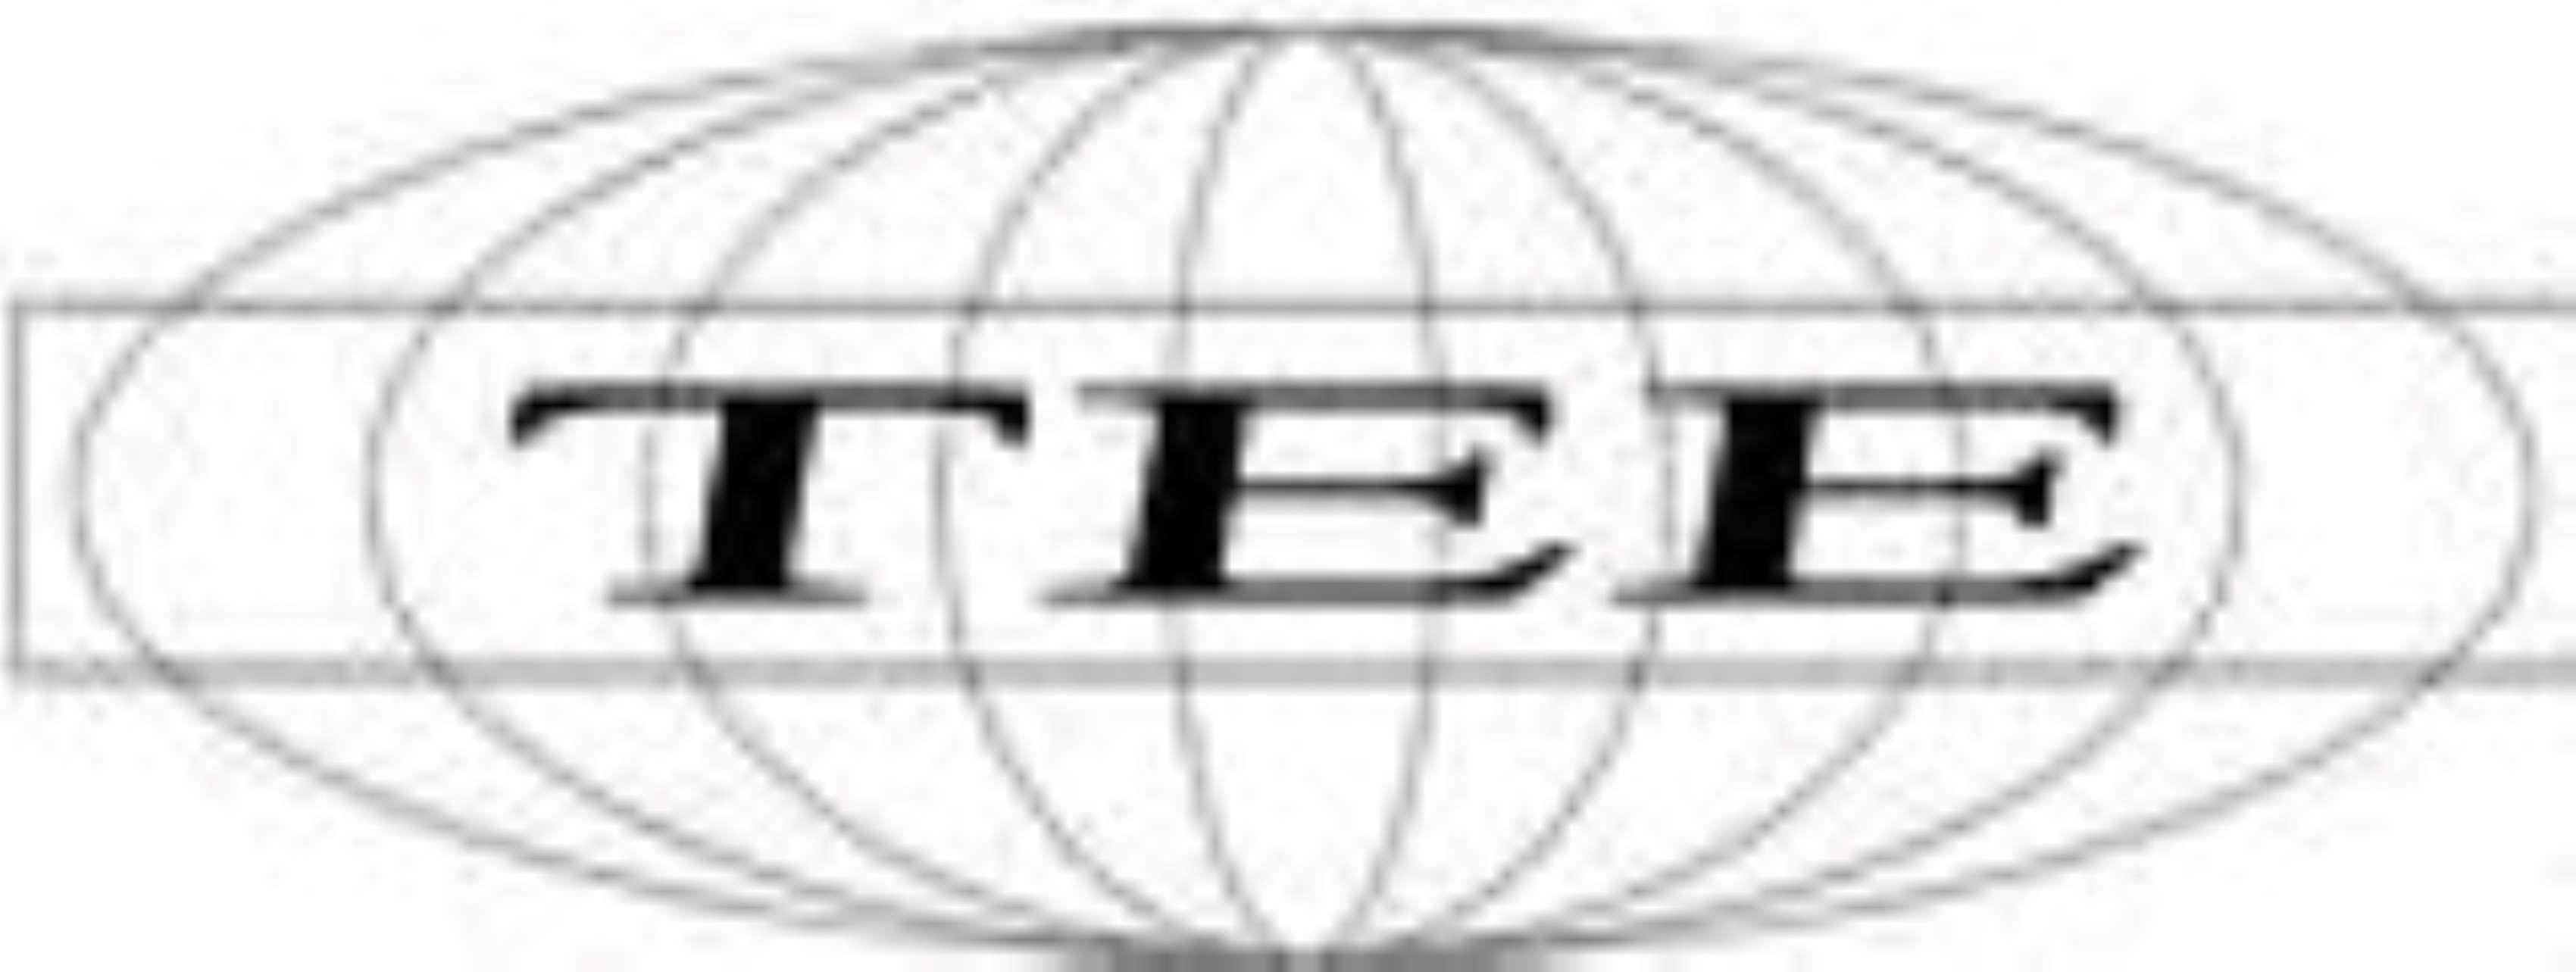 Работа в компании «ТЕЕ» в Санкт-Петербурга